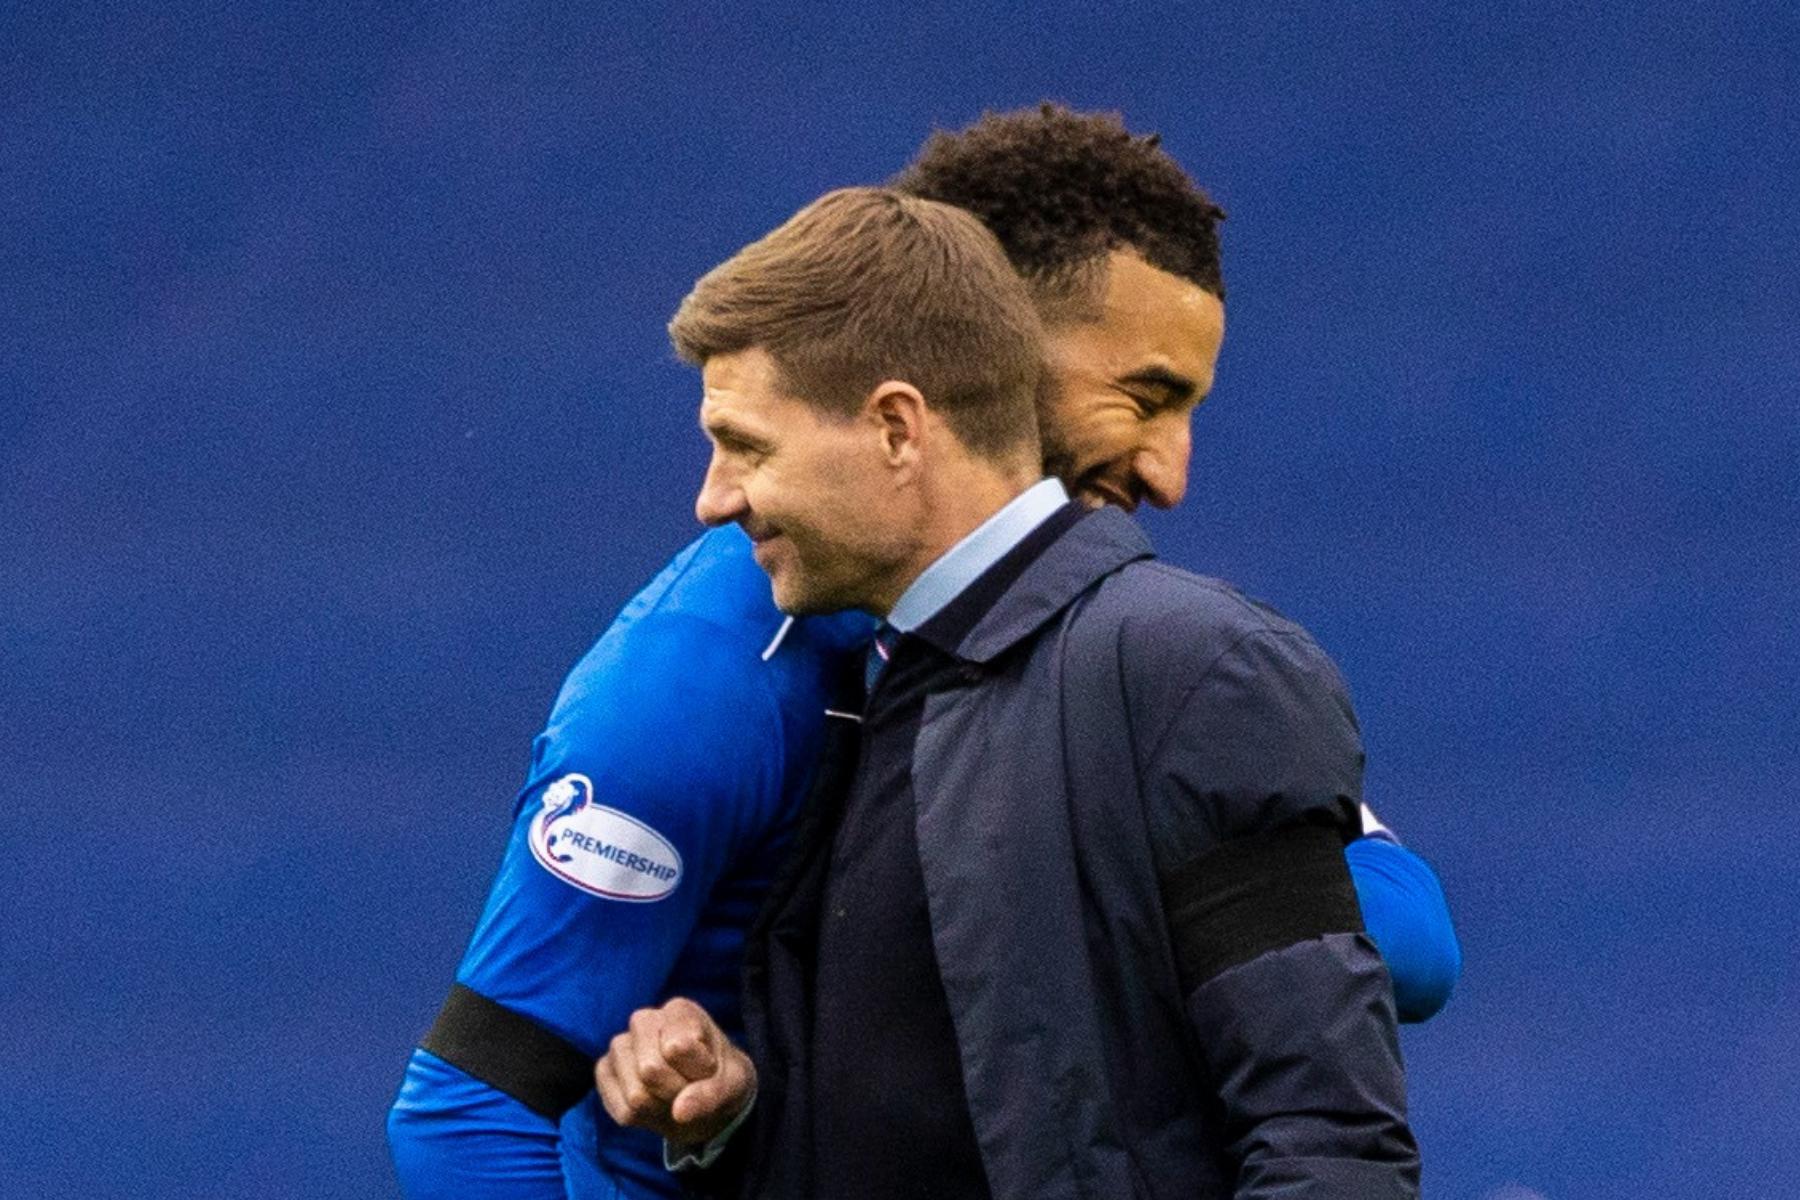 El jefe de los Rangers, Steven Gerrard, responde a los comentarios sobre la negociación del contrato de Connor Goldson